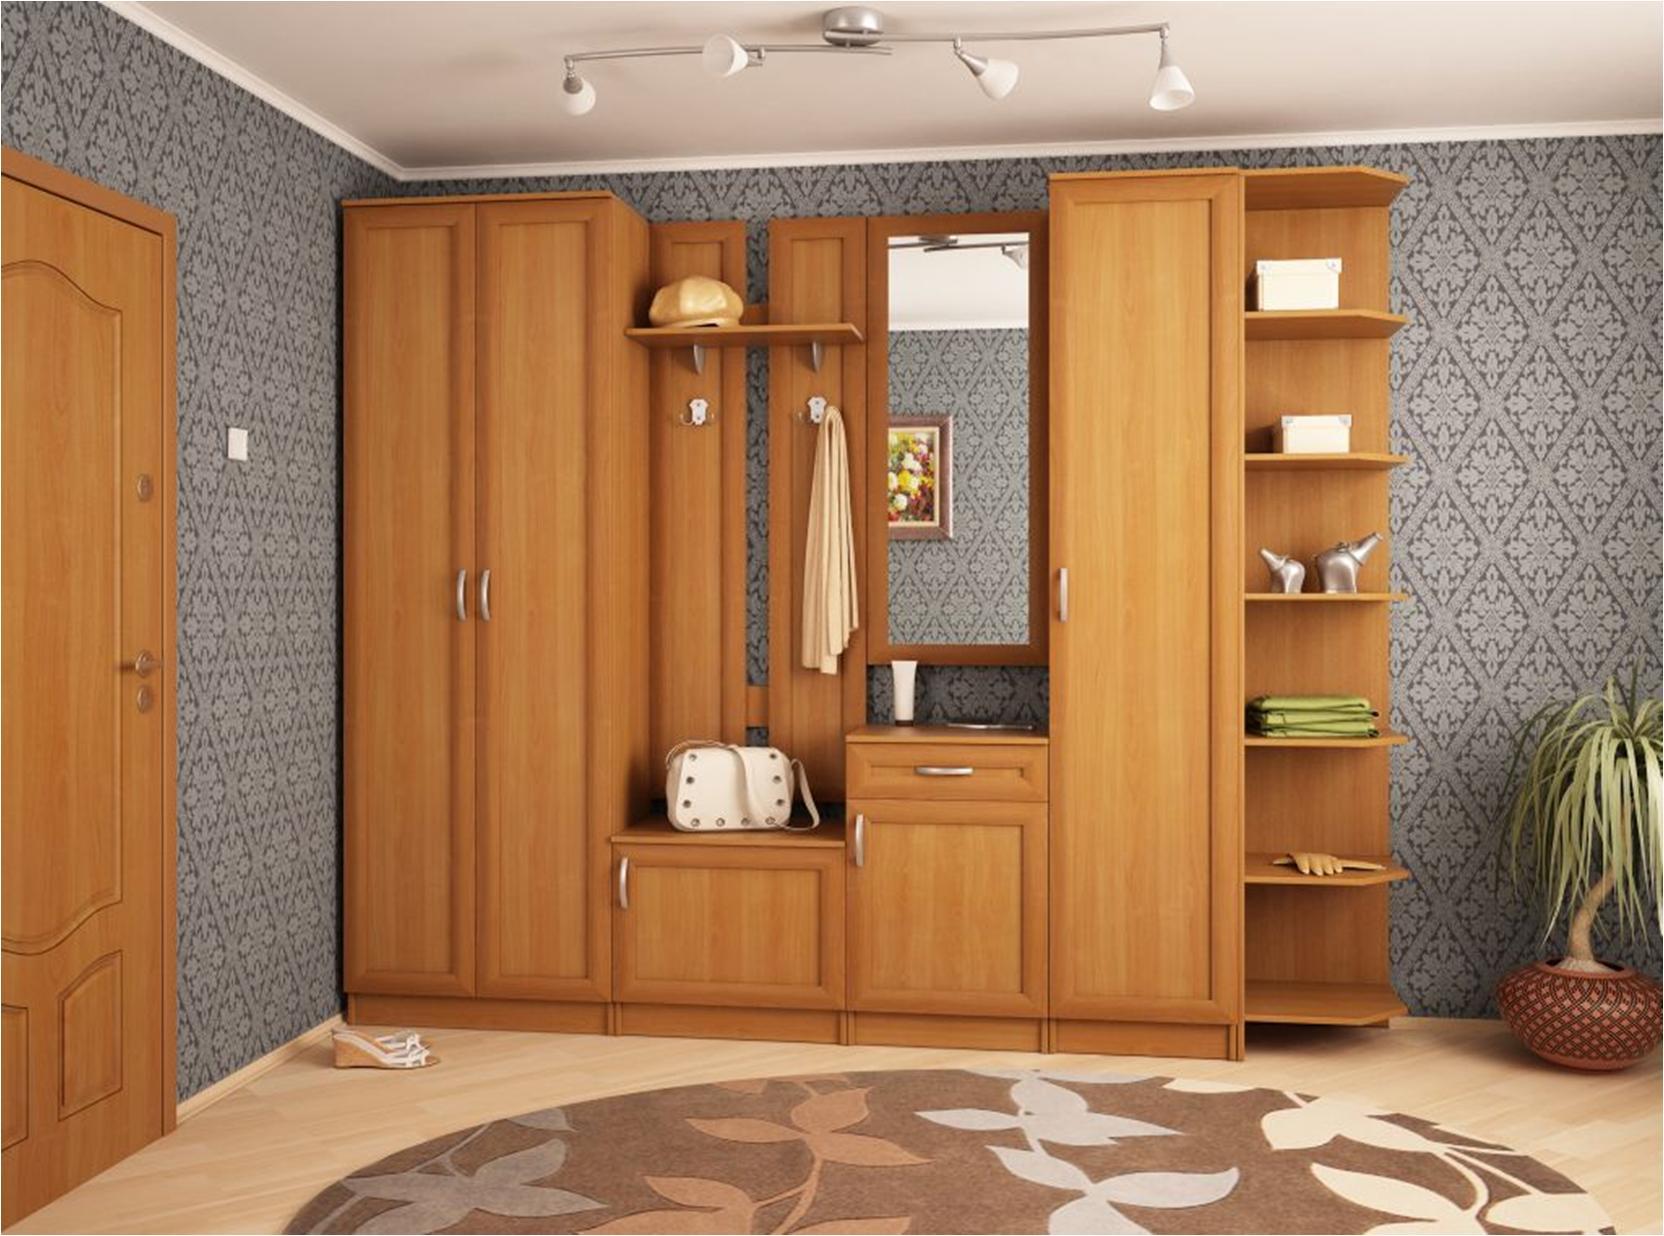 Мебель в самаре , мебельная компания askom :: прихожие катал.